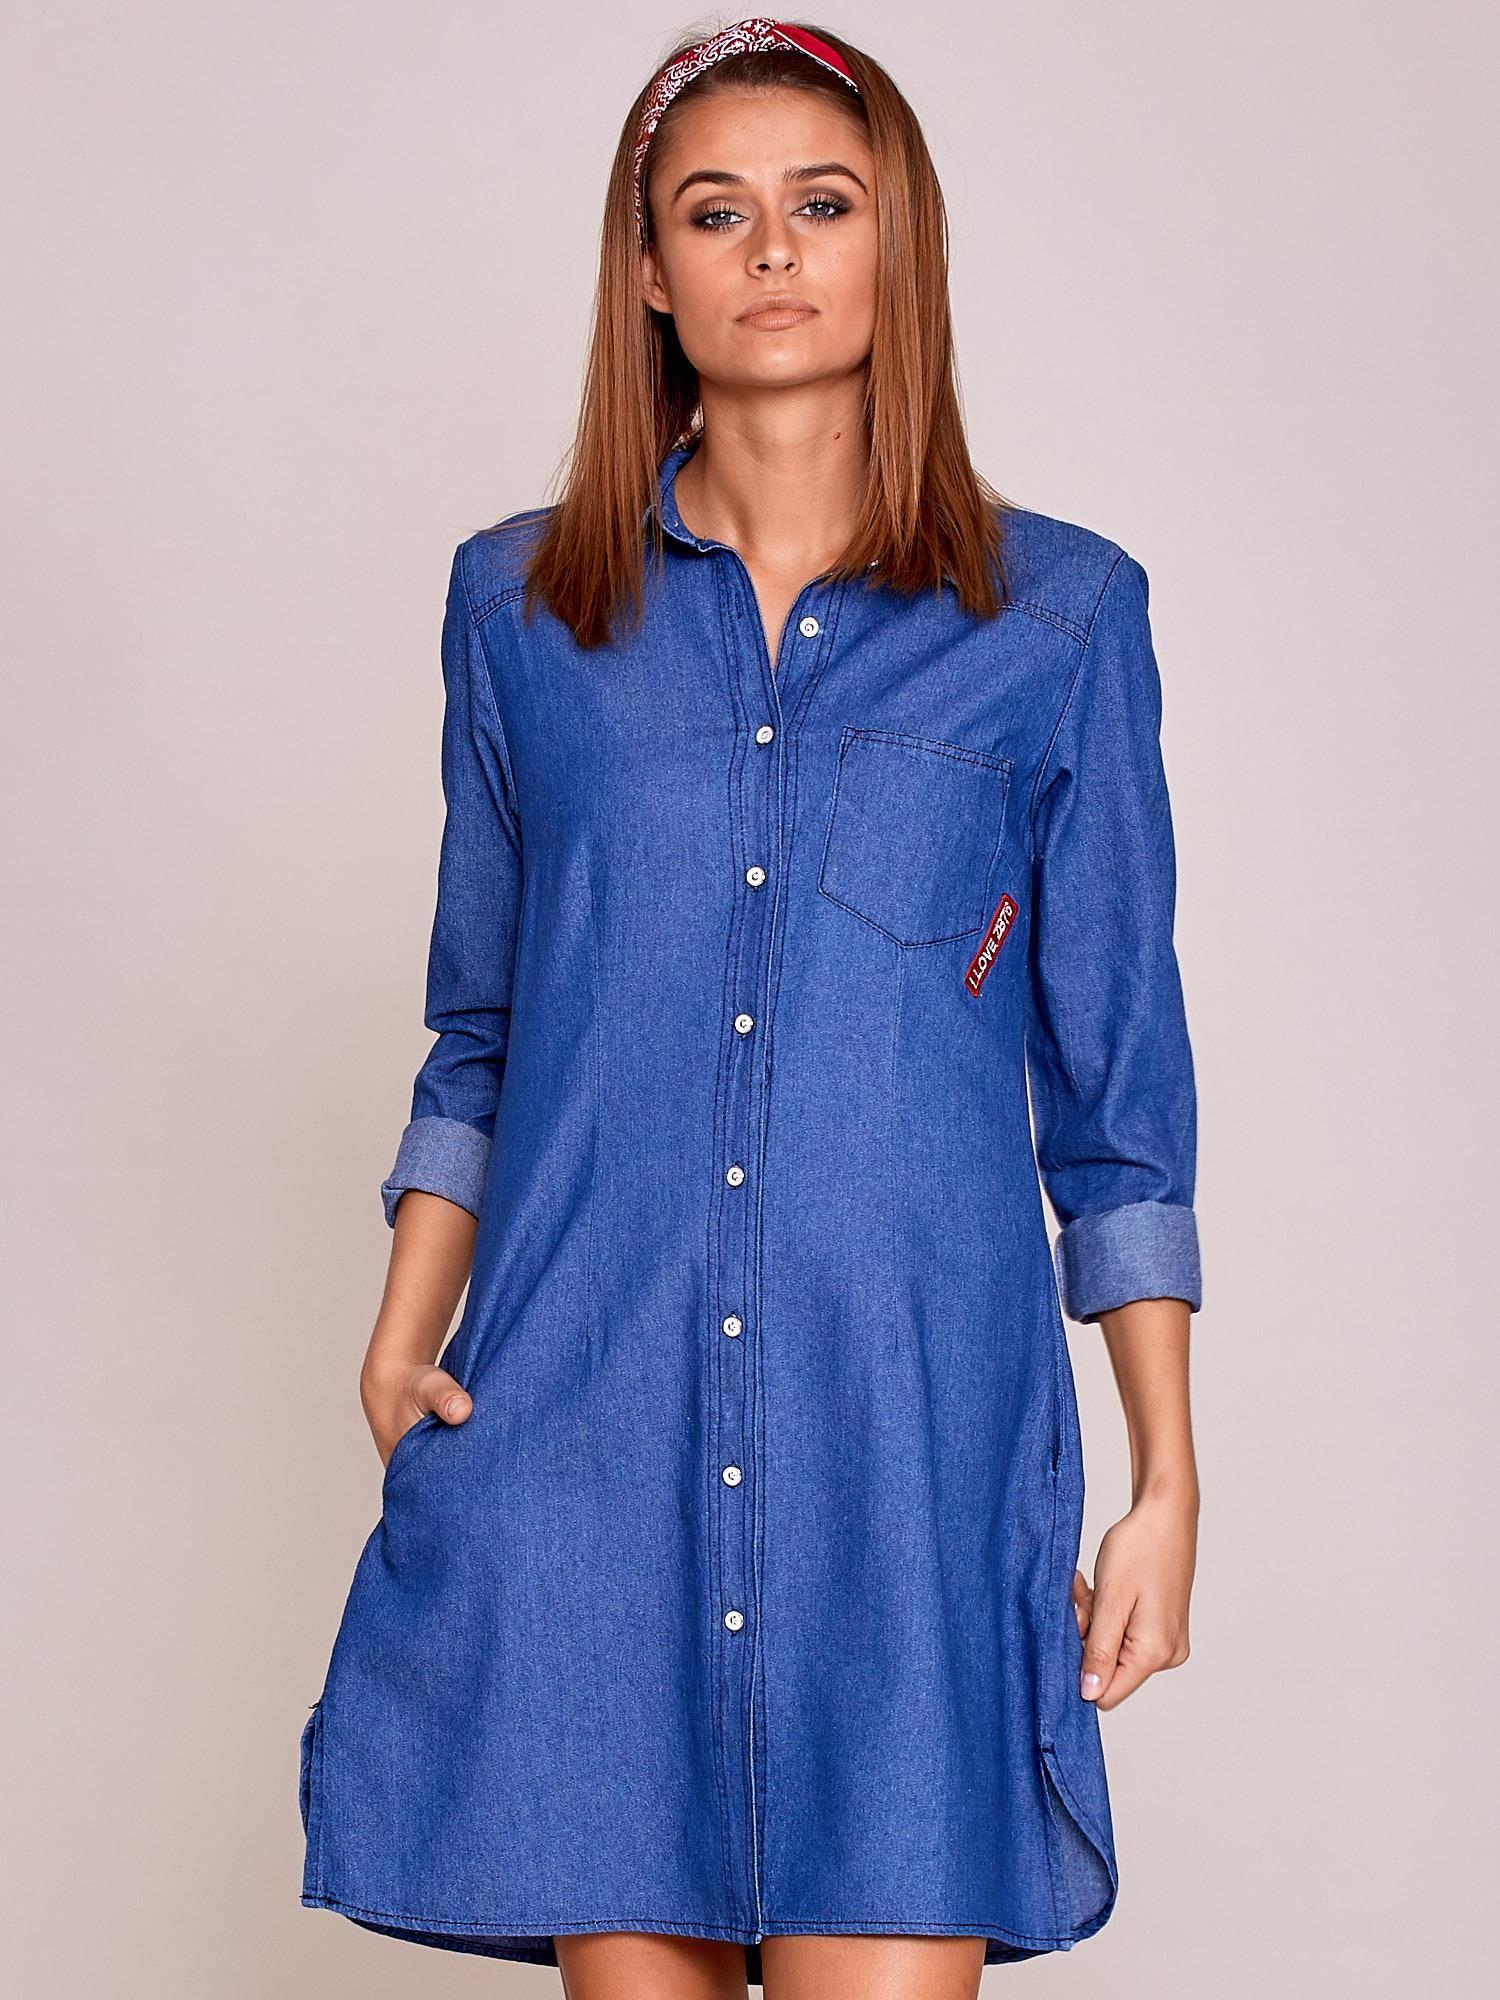 969d5d8f Niebieska sukienka jeansowa z naszywkami